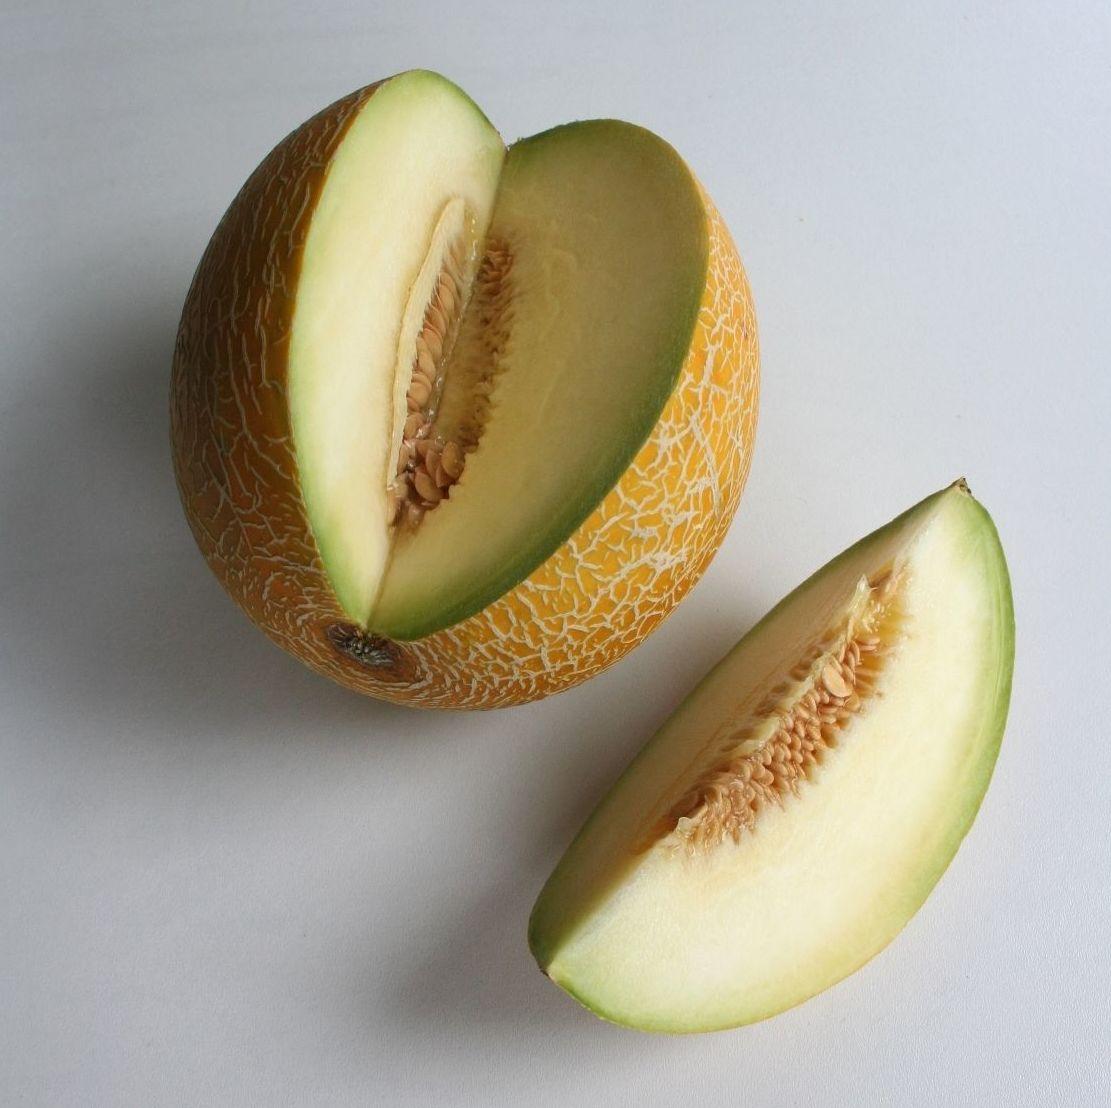 Melón Galia: Productos de Mundifruit